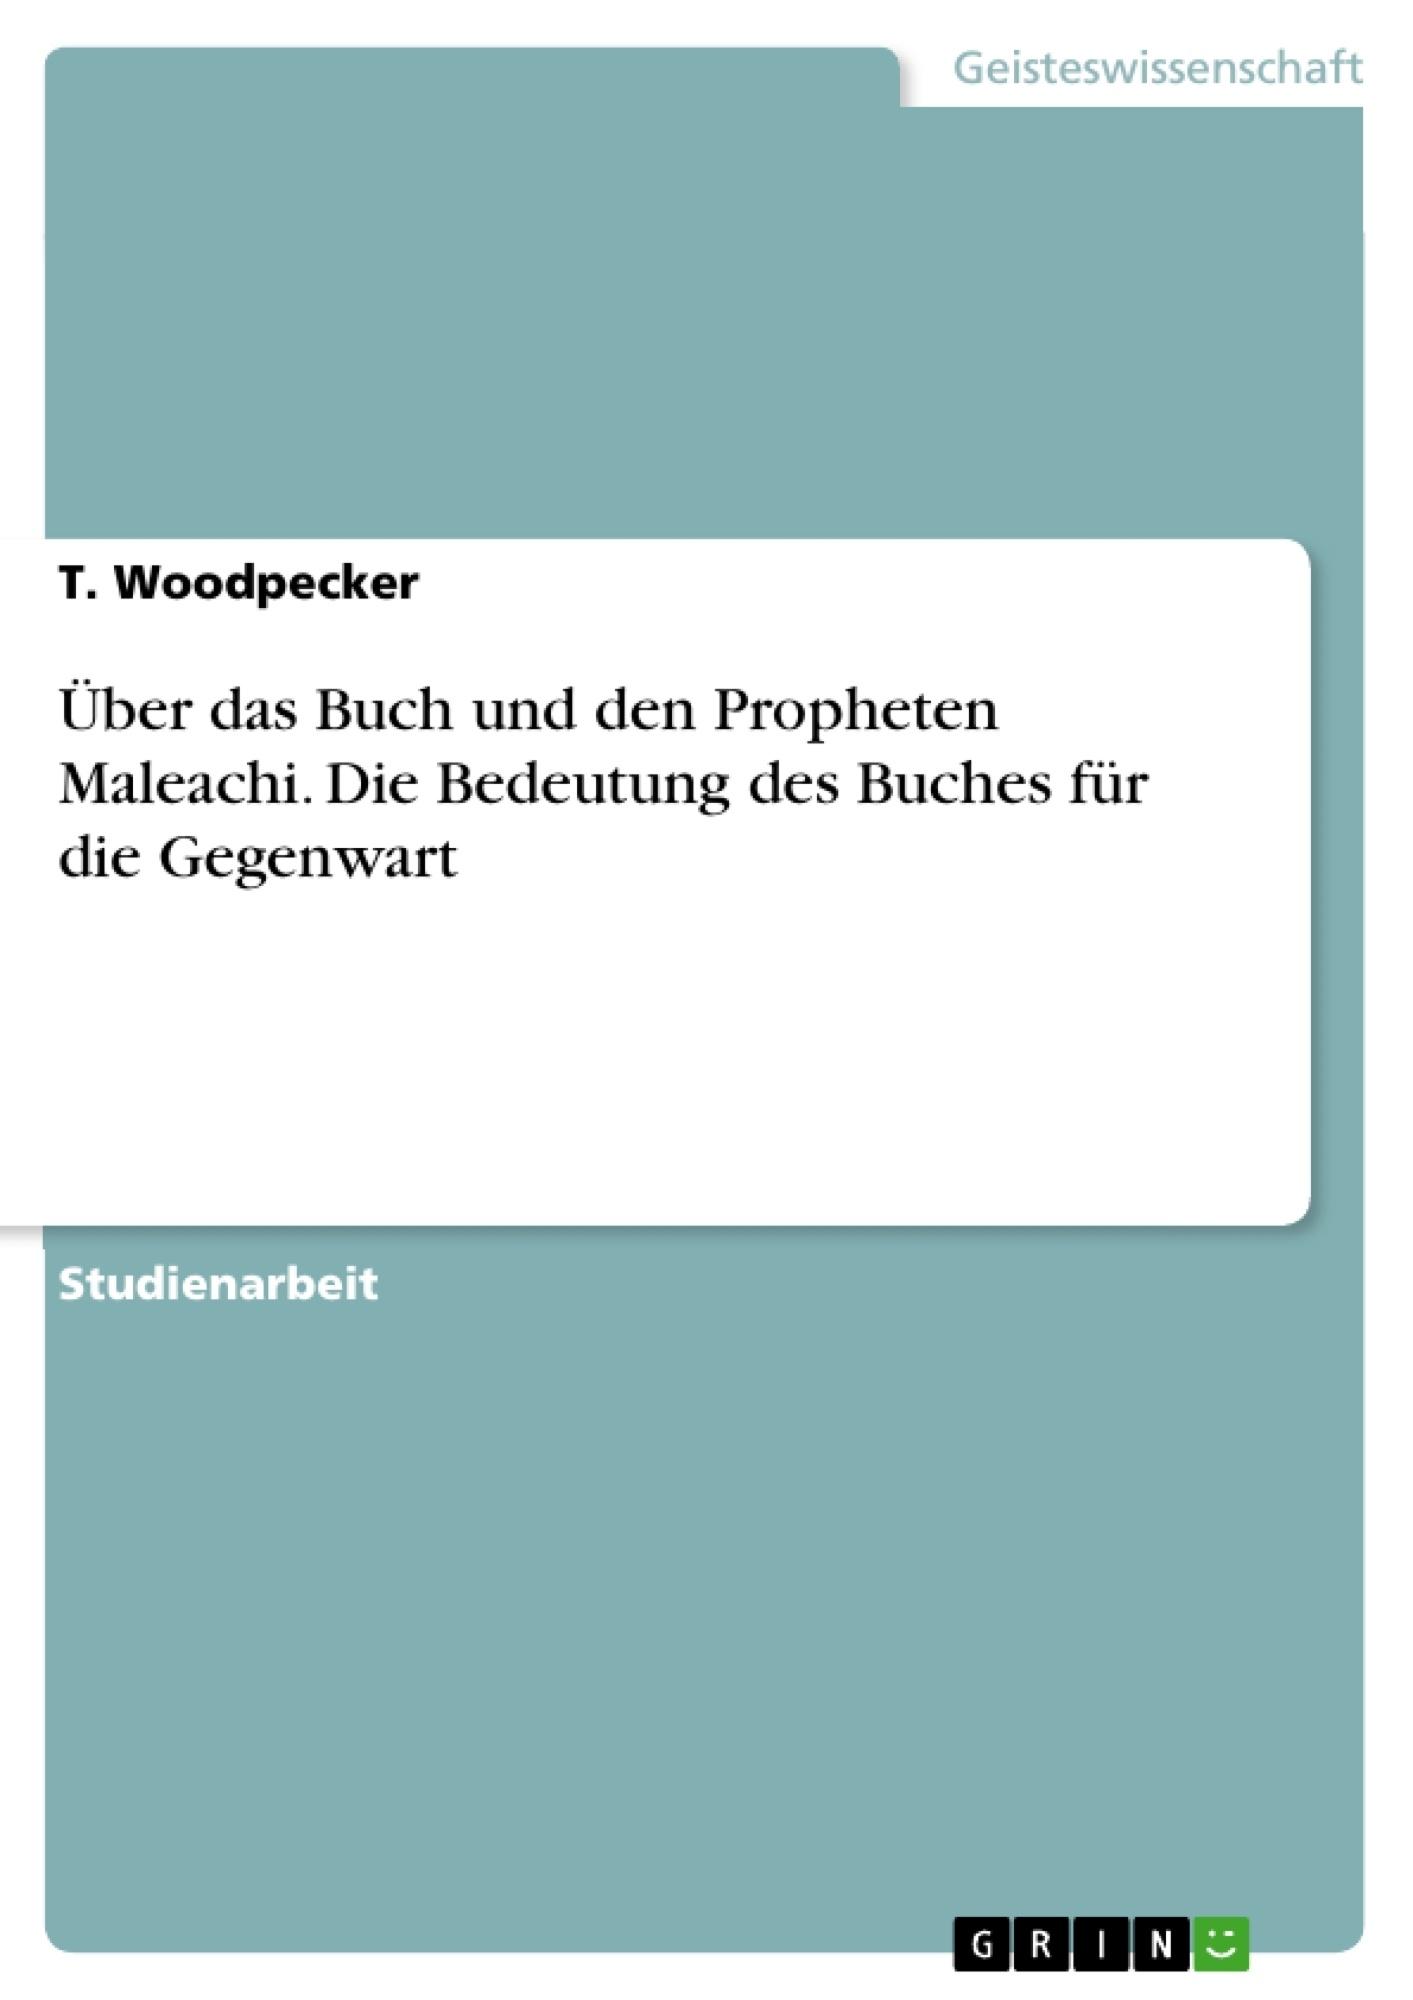 Titel: Über das Buch und den Propheten Maleachi. Die Bedeutung des Buches für die Gegenwart